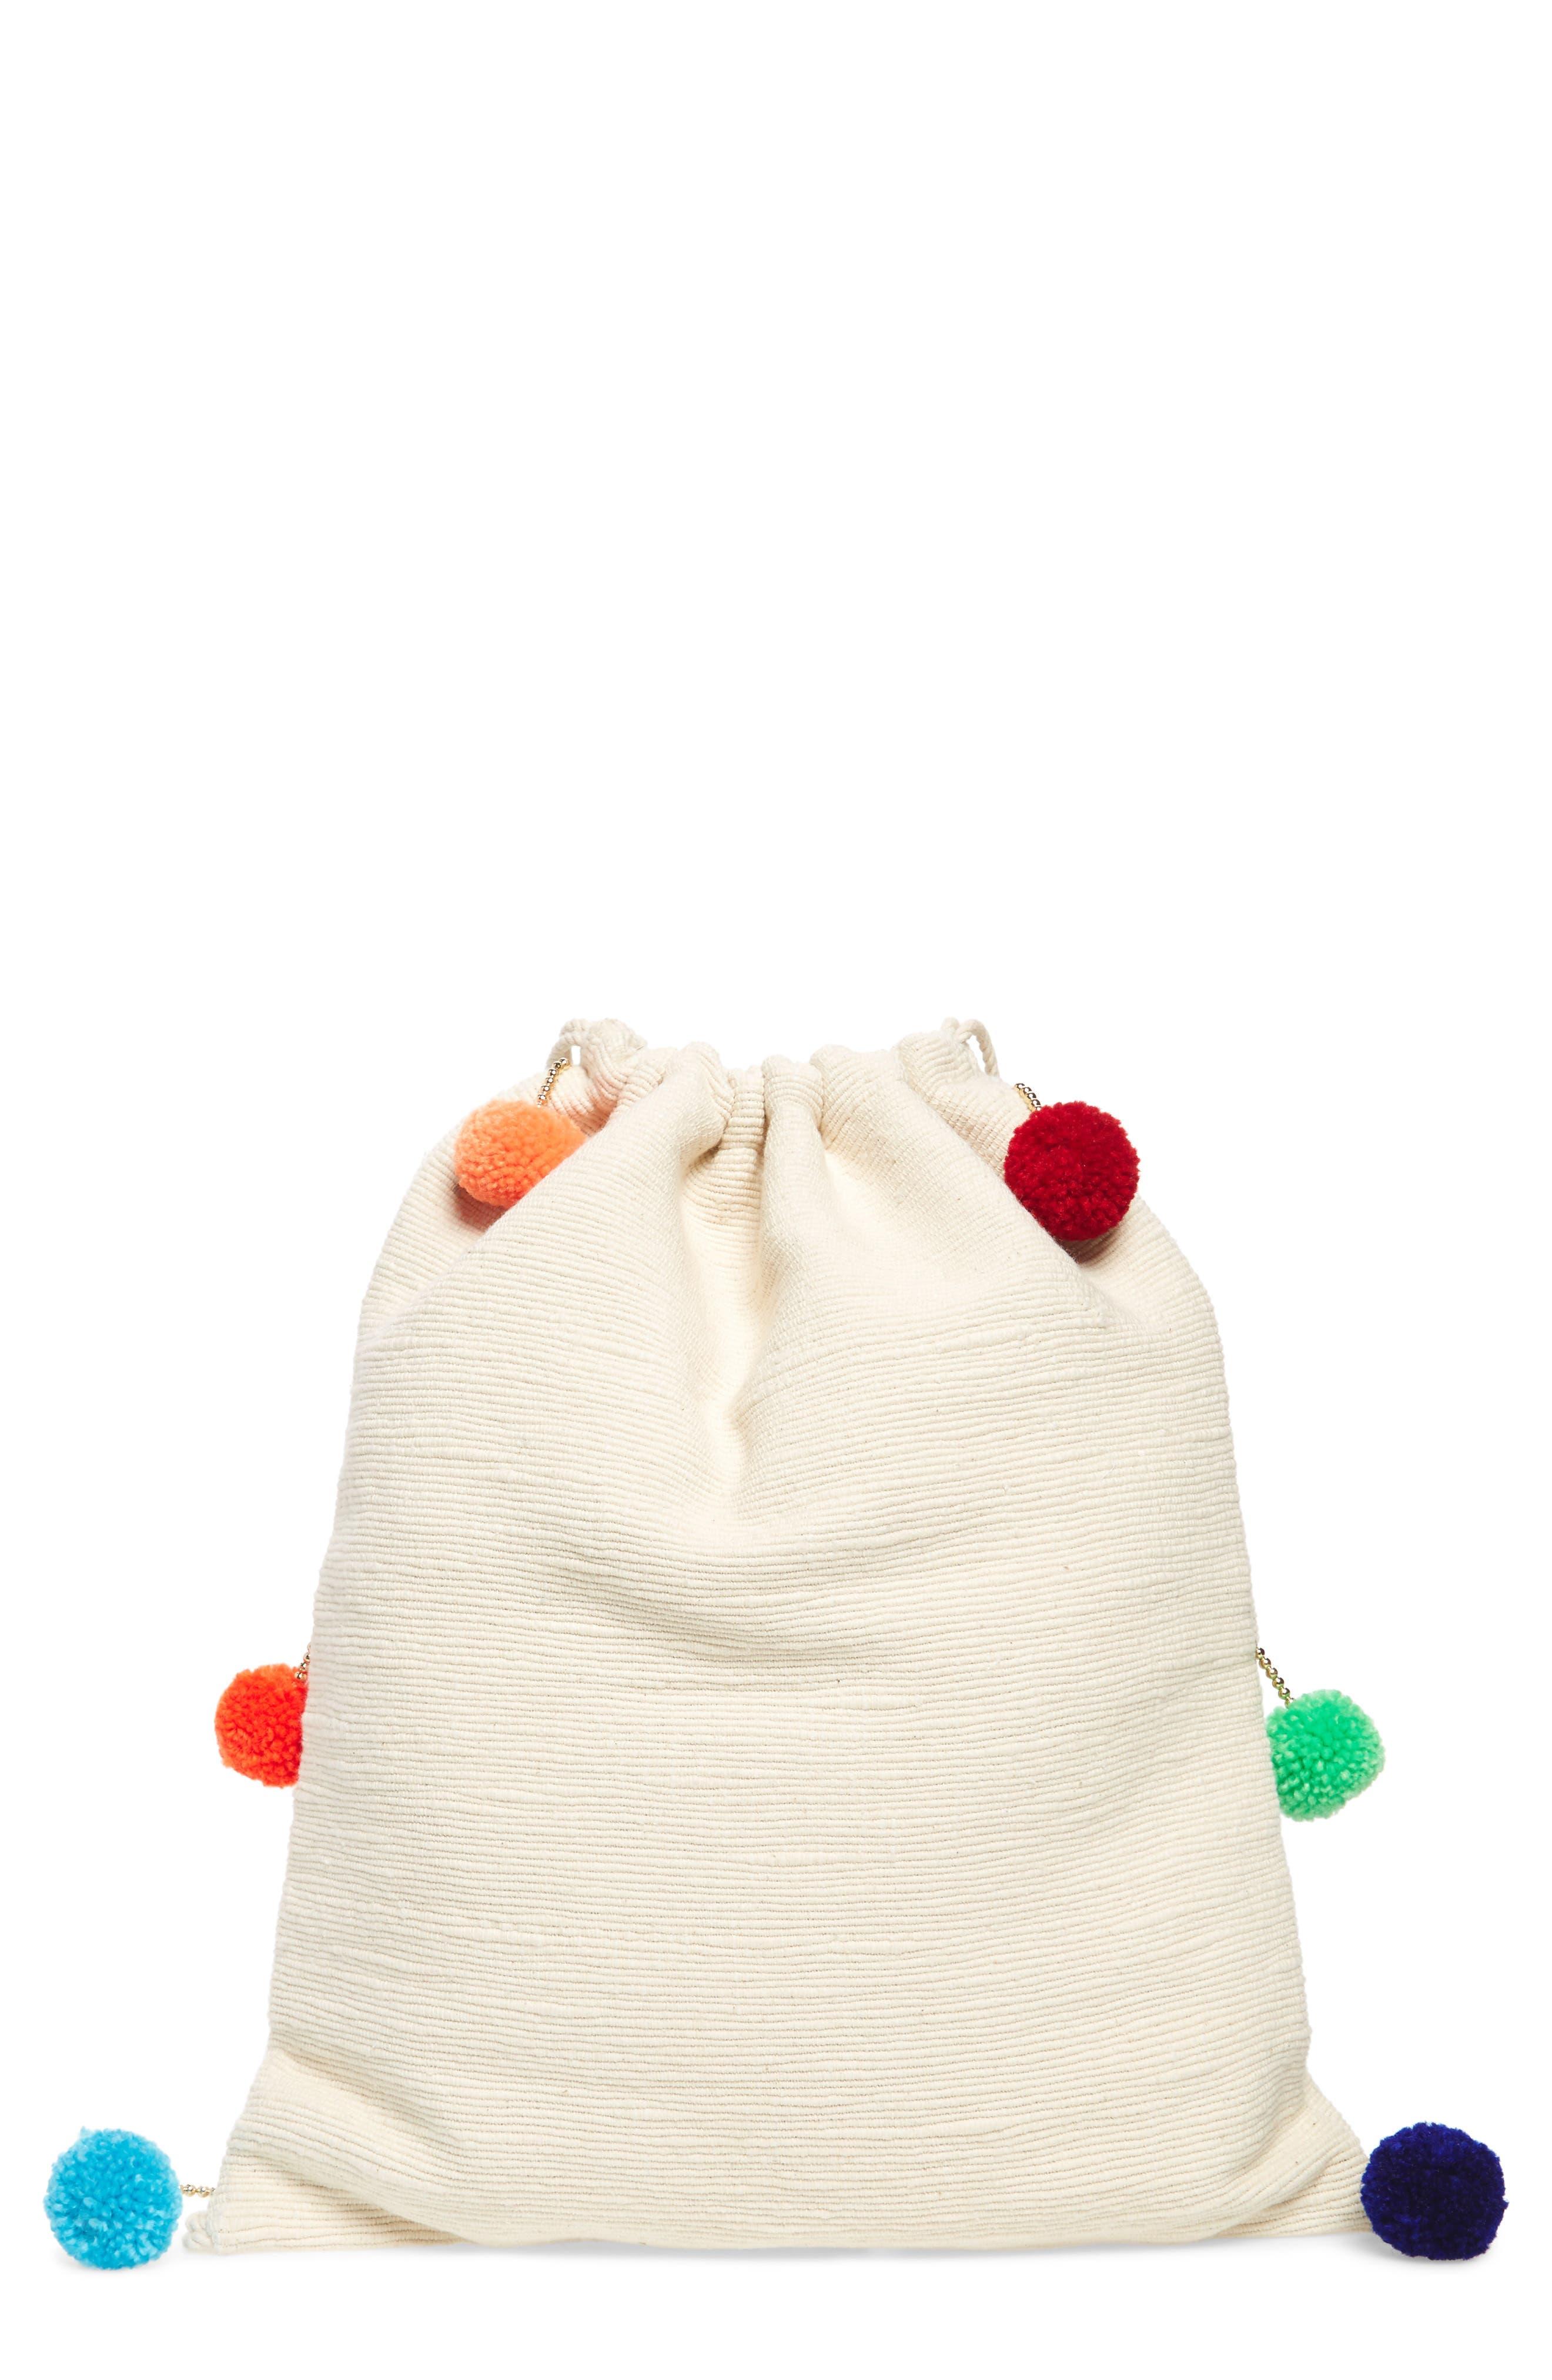 Pompom Drawstring Bag,                         Main,                         color, 200